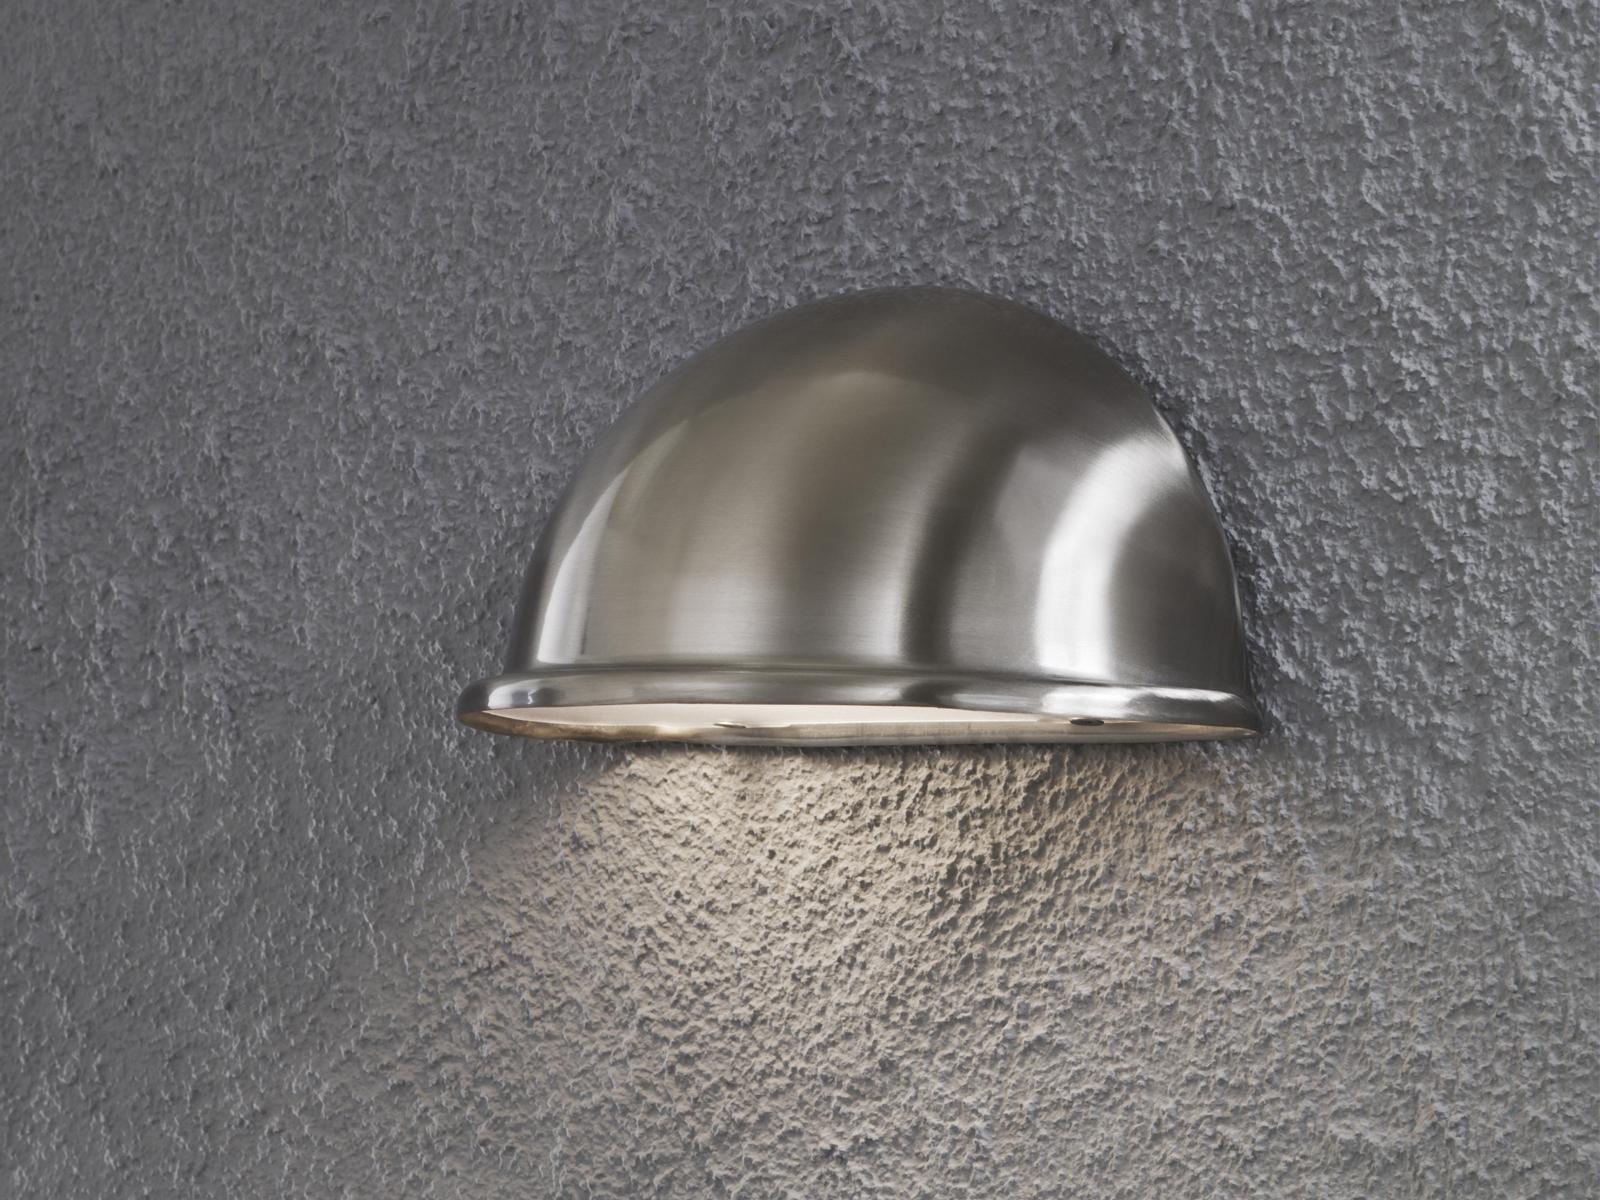 Konstsmide Aussenwandleuchte Torino Downlight E14 Ip23 Silber 7325